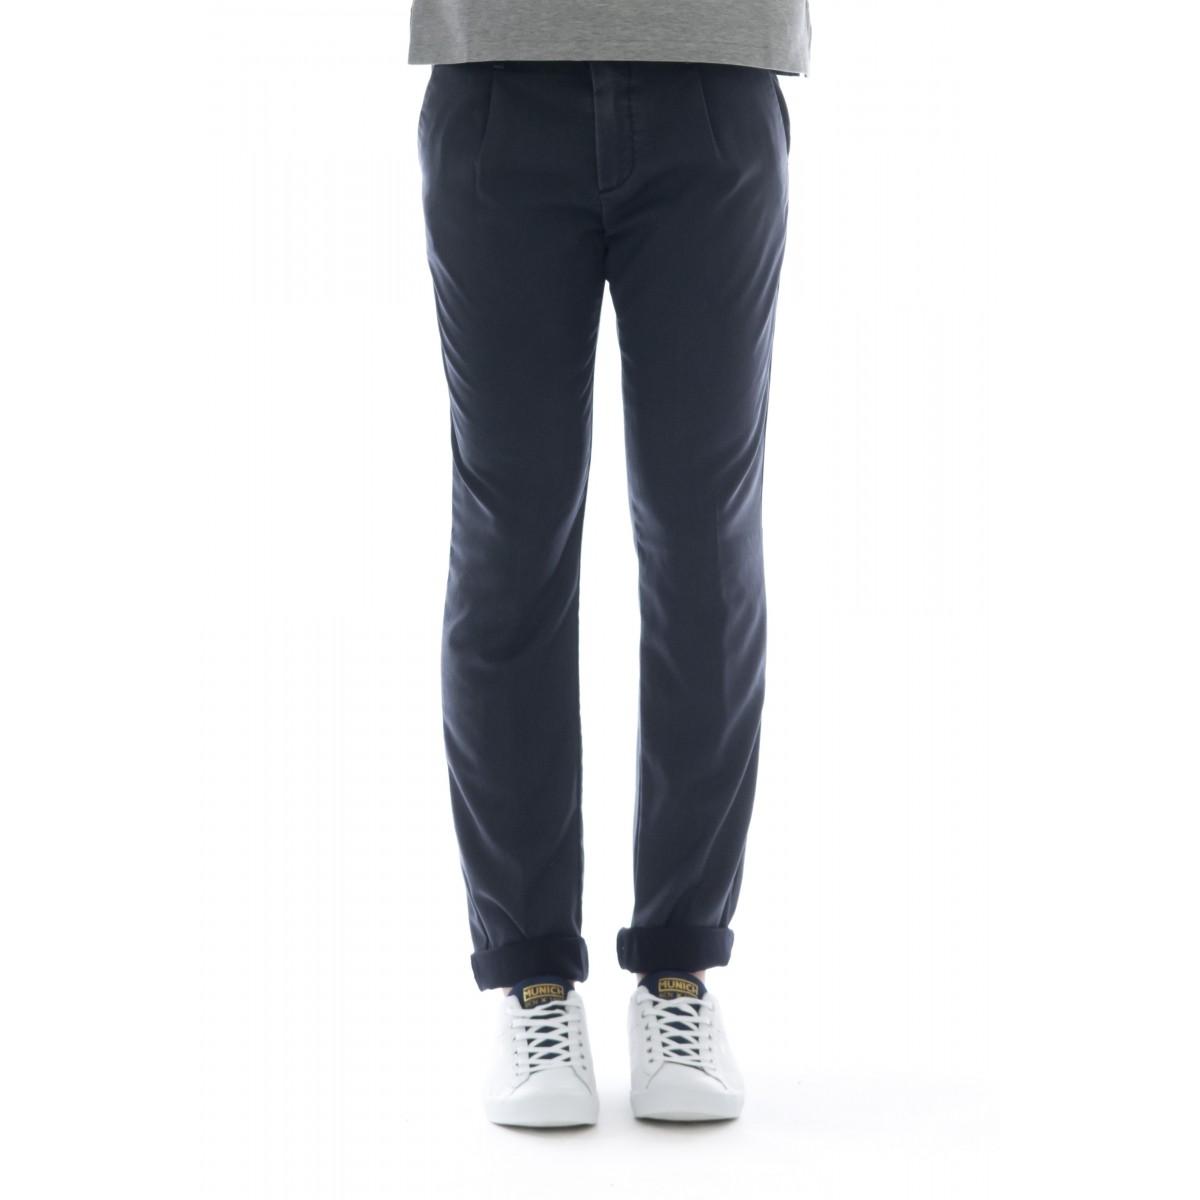 Pantalone uomo - 09l 99 fresco di lana marzotto